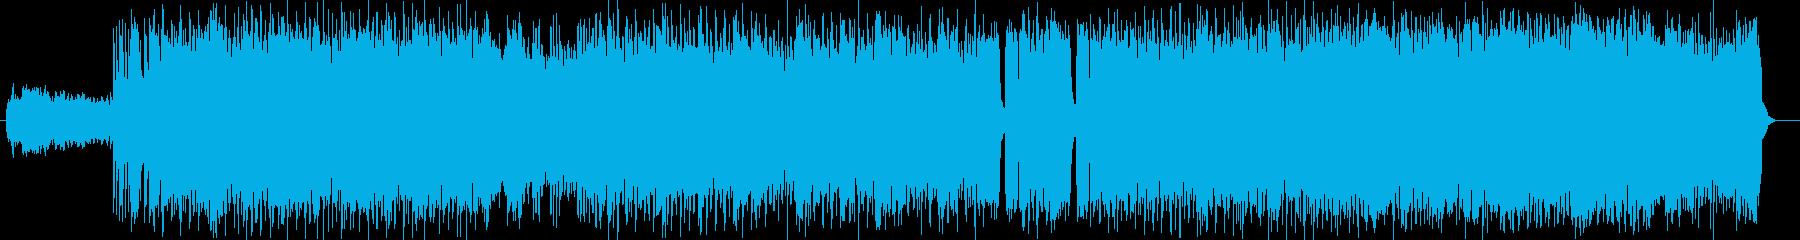 激しく疾走感のあるドラムギターサウンドの再生済みの波形